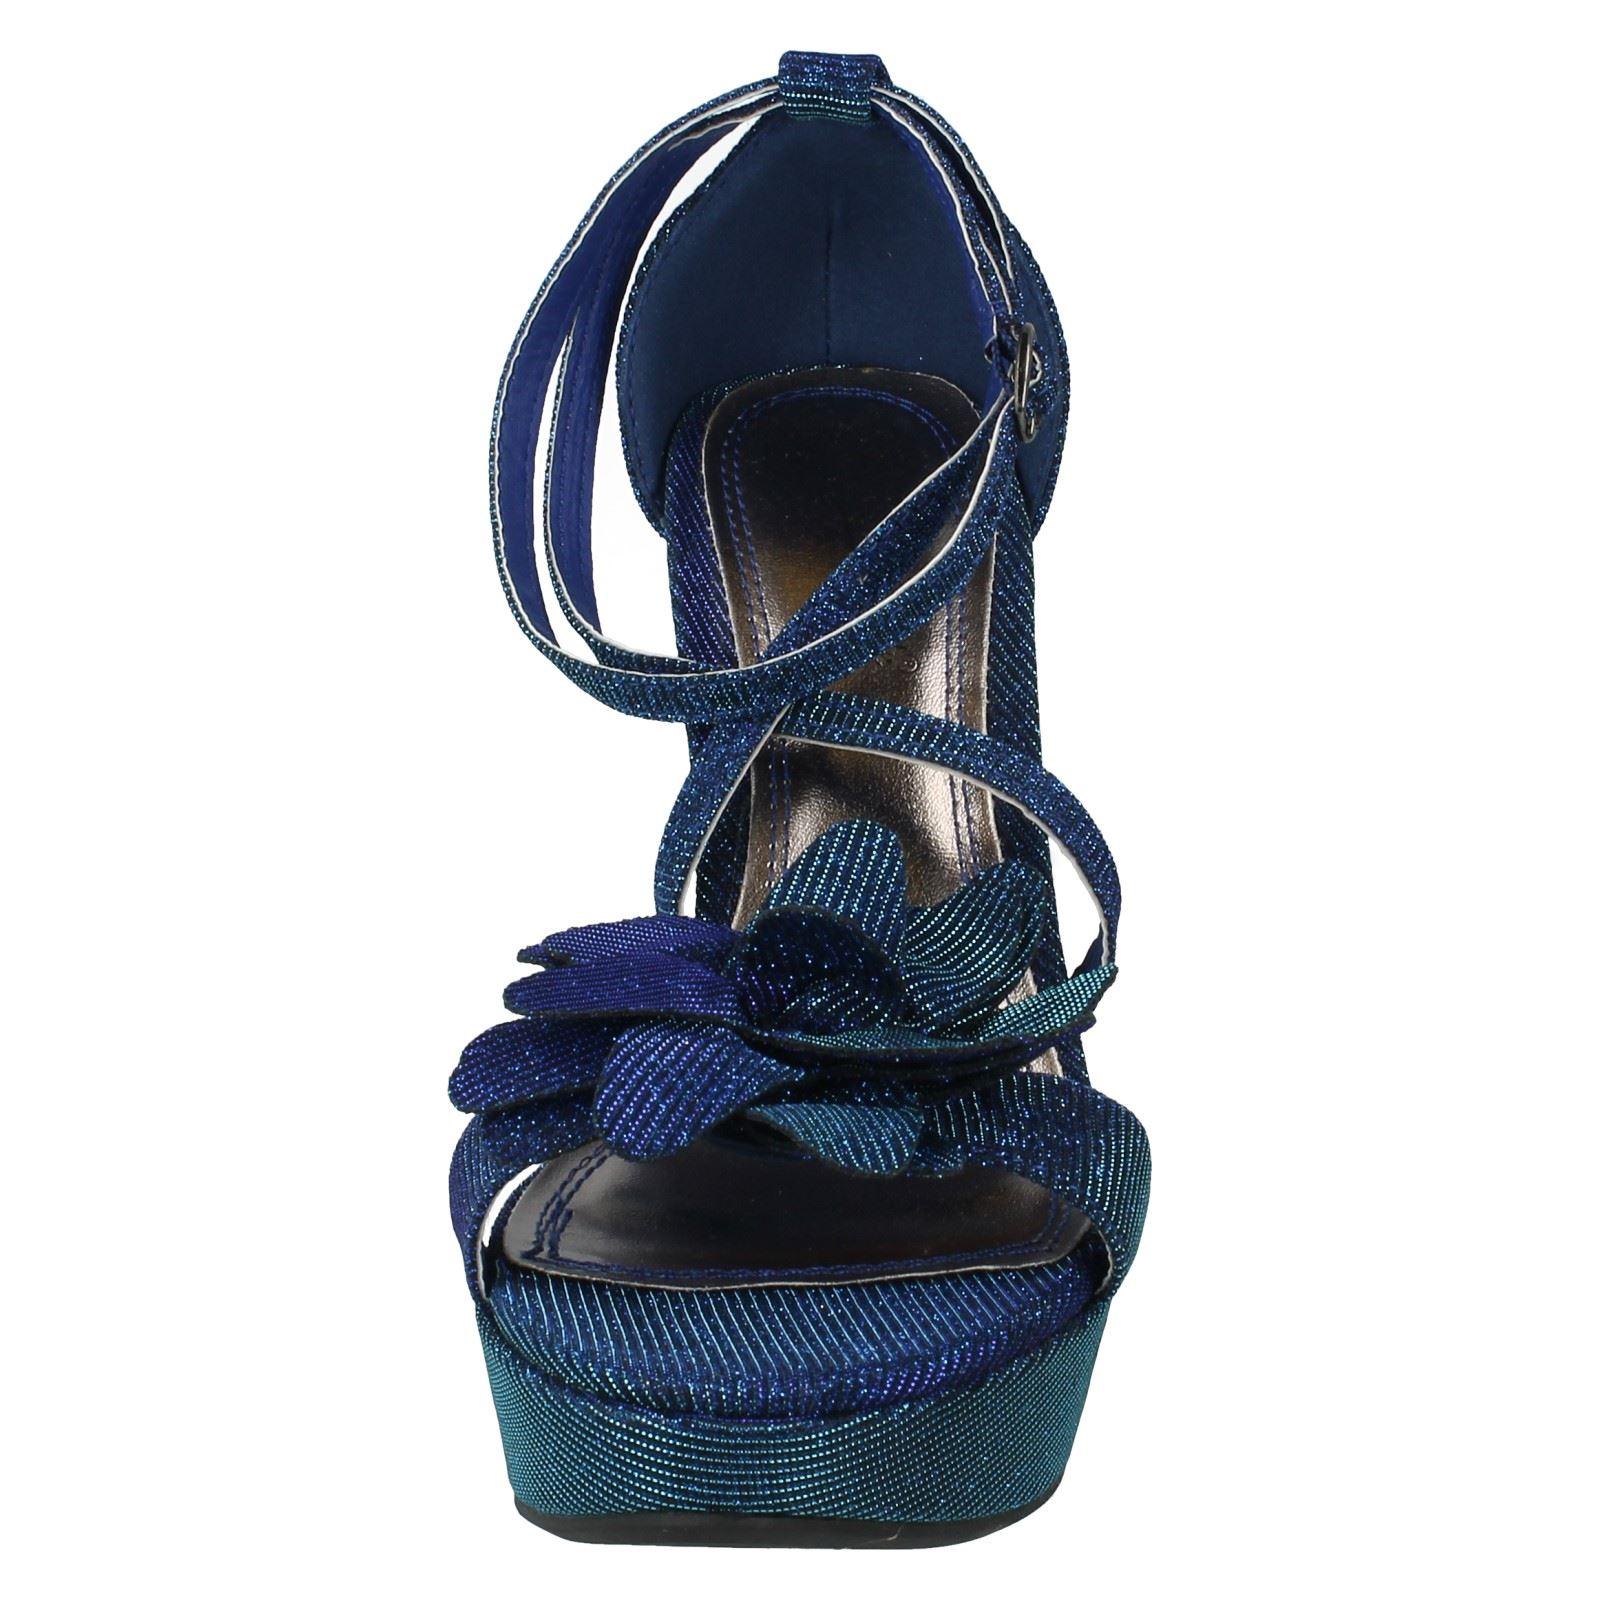 Señoras Anne Michelle alto talón sandalias Etiqueta-l3374